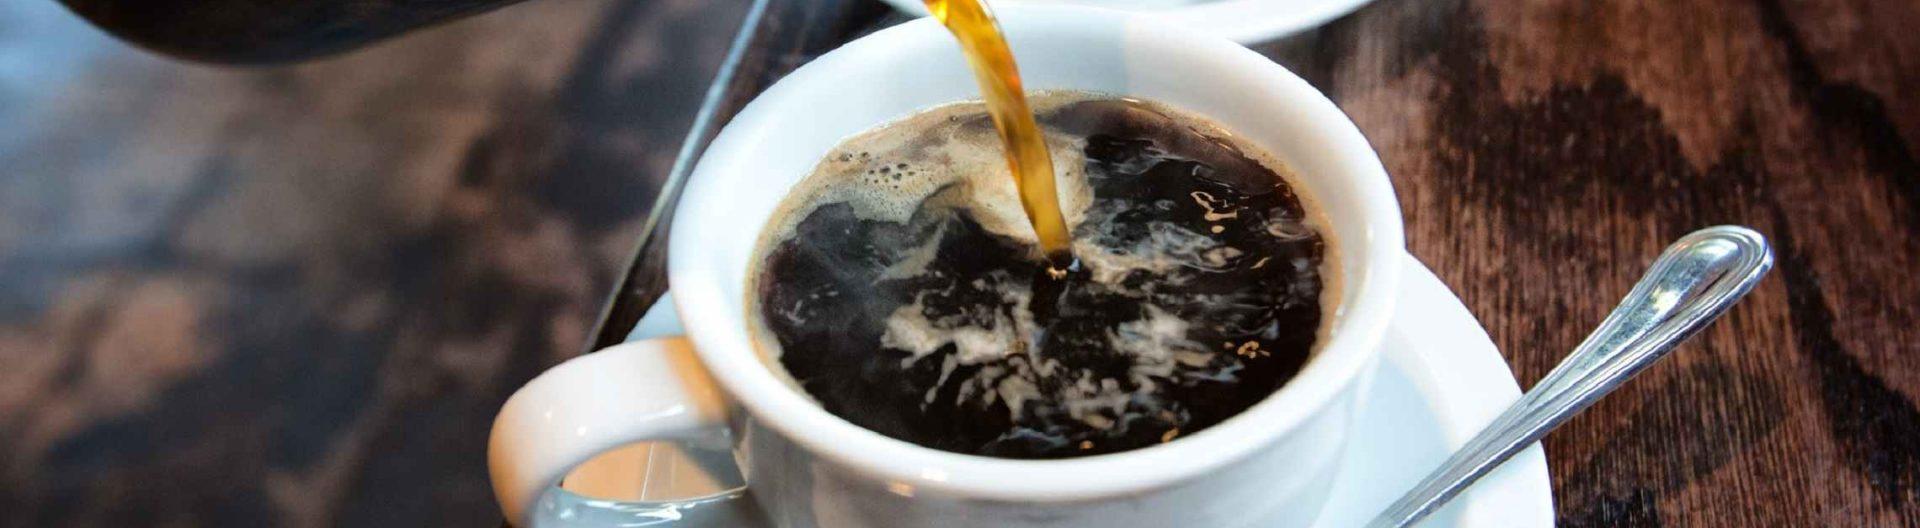 Kuumaa-kahvia-ruoka-ja-juoma-1920x528.jpg